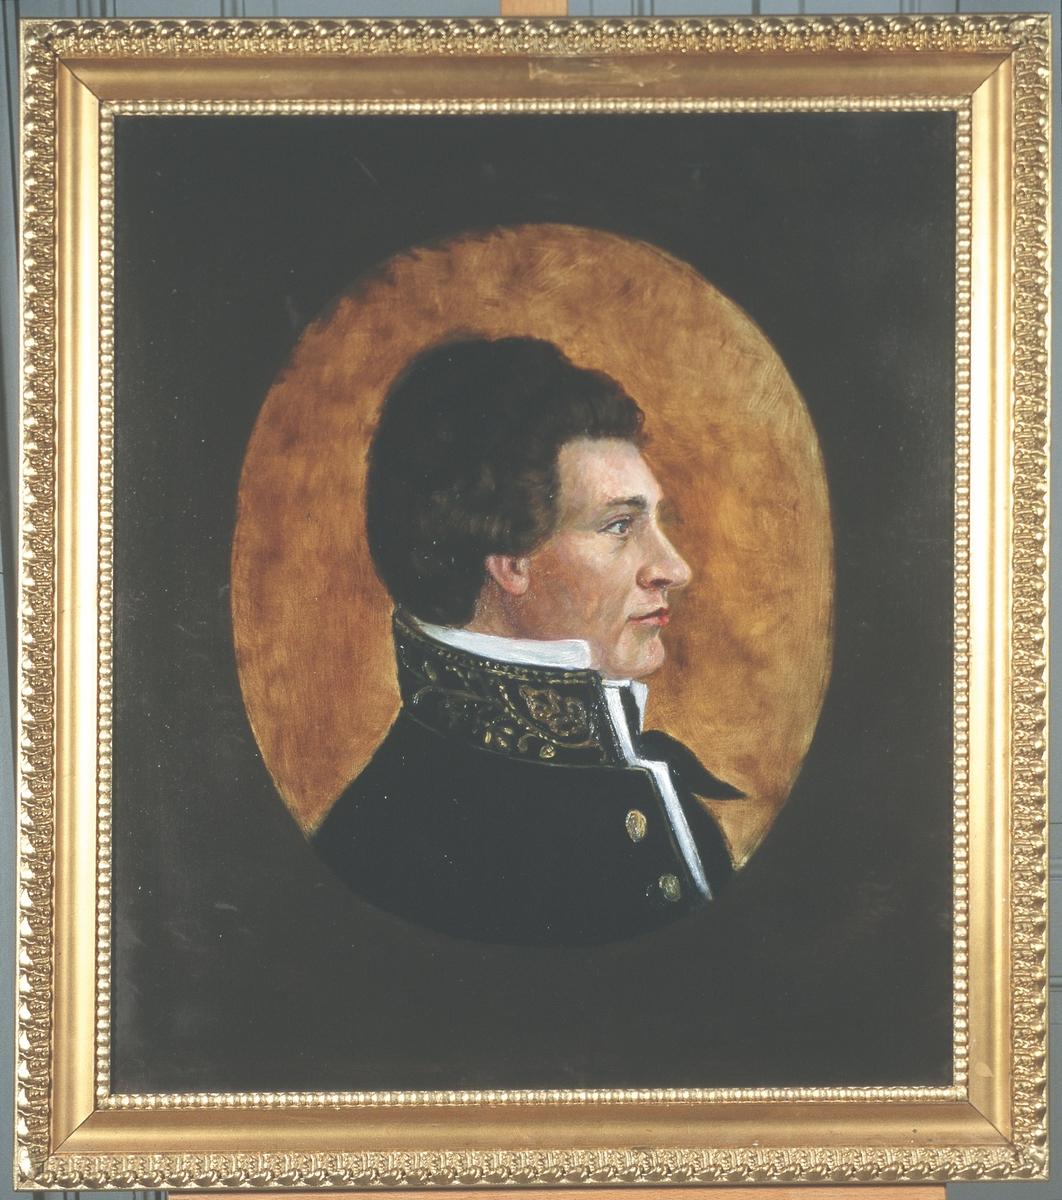 Portrett av eidsvollsmann Christian Adolph Diriks Mann med mørkt, fyldig hår, profil.  Uniform med høy, dekorert krage, hvit høy snipp og mørkt halsbind,  2 knapper.  Innskrevet i oval med gyllen farge, ellers mørk bakgrunn.